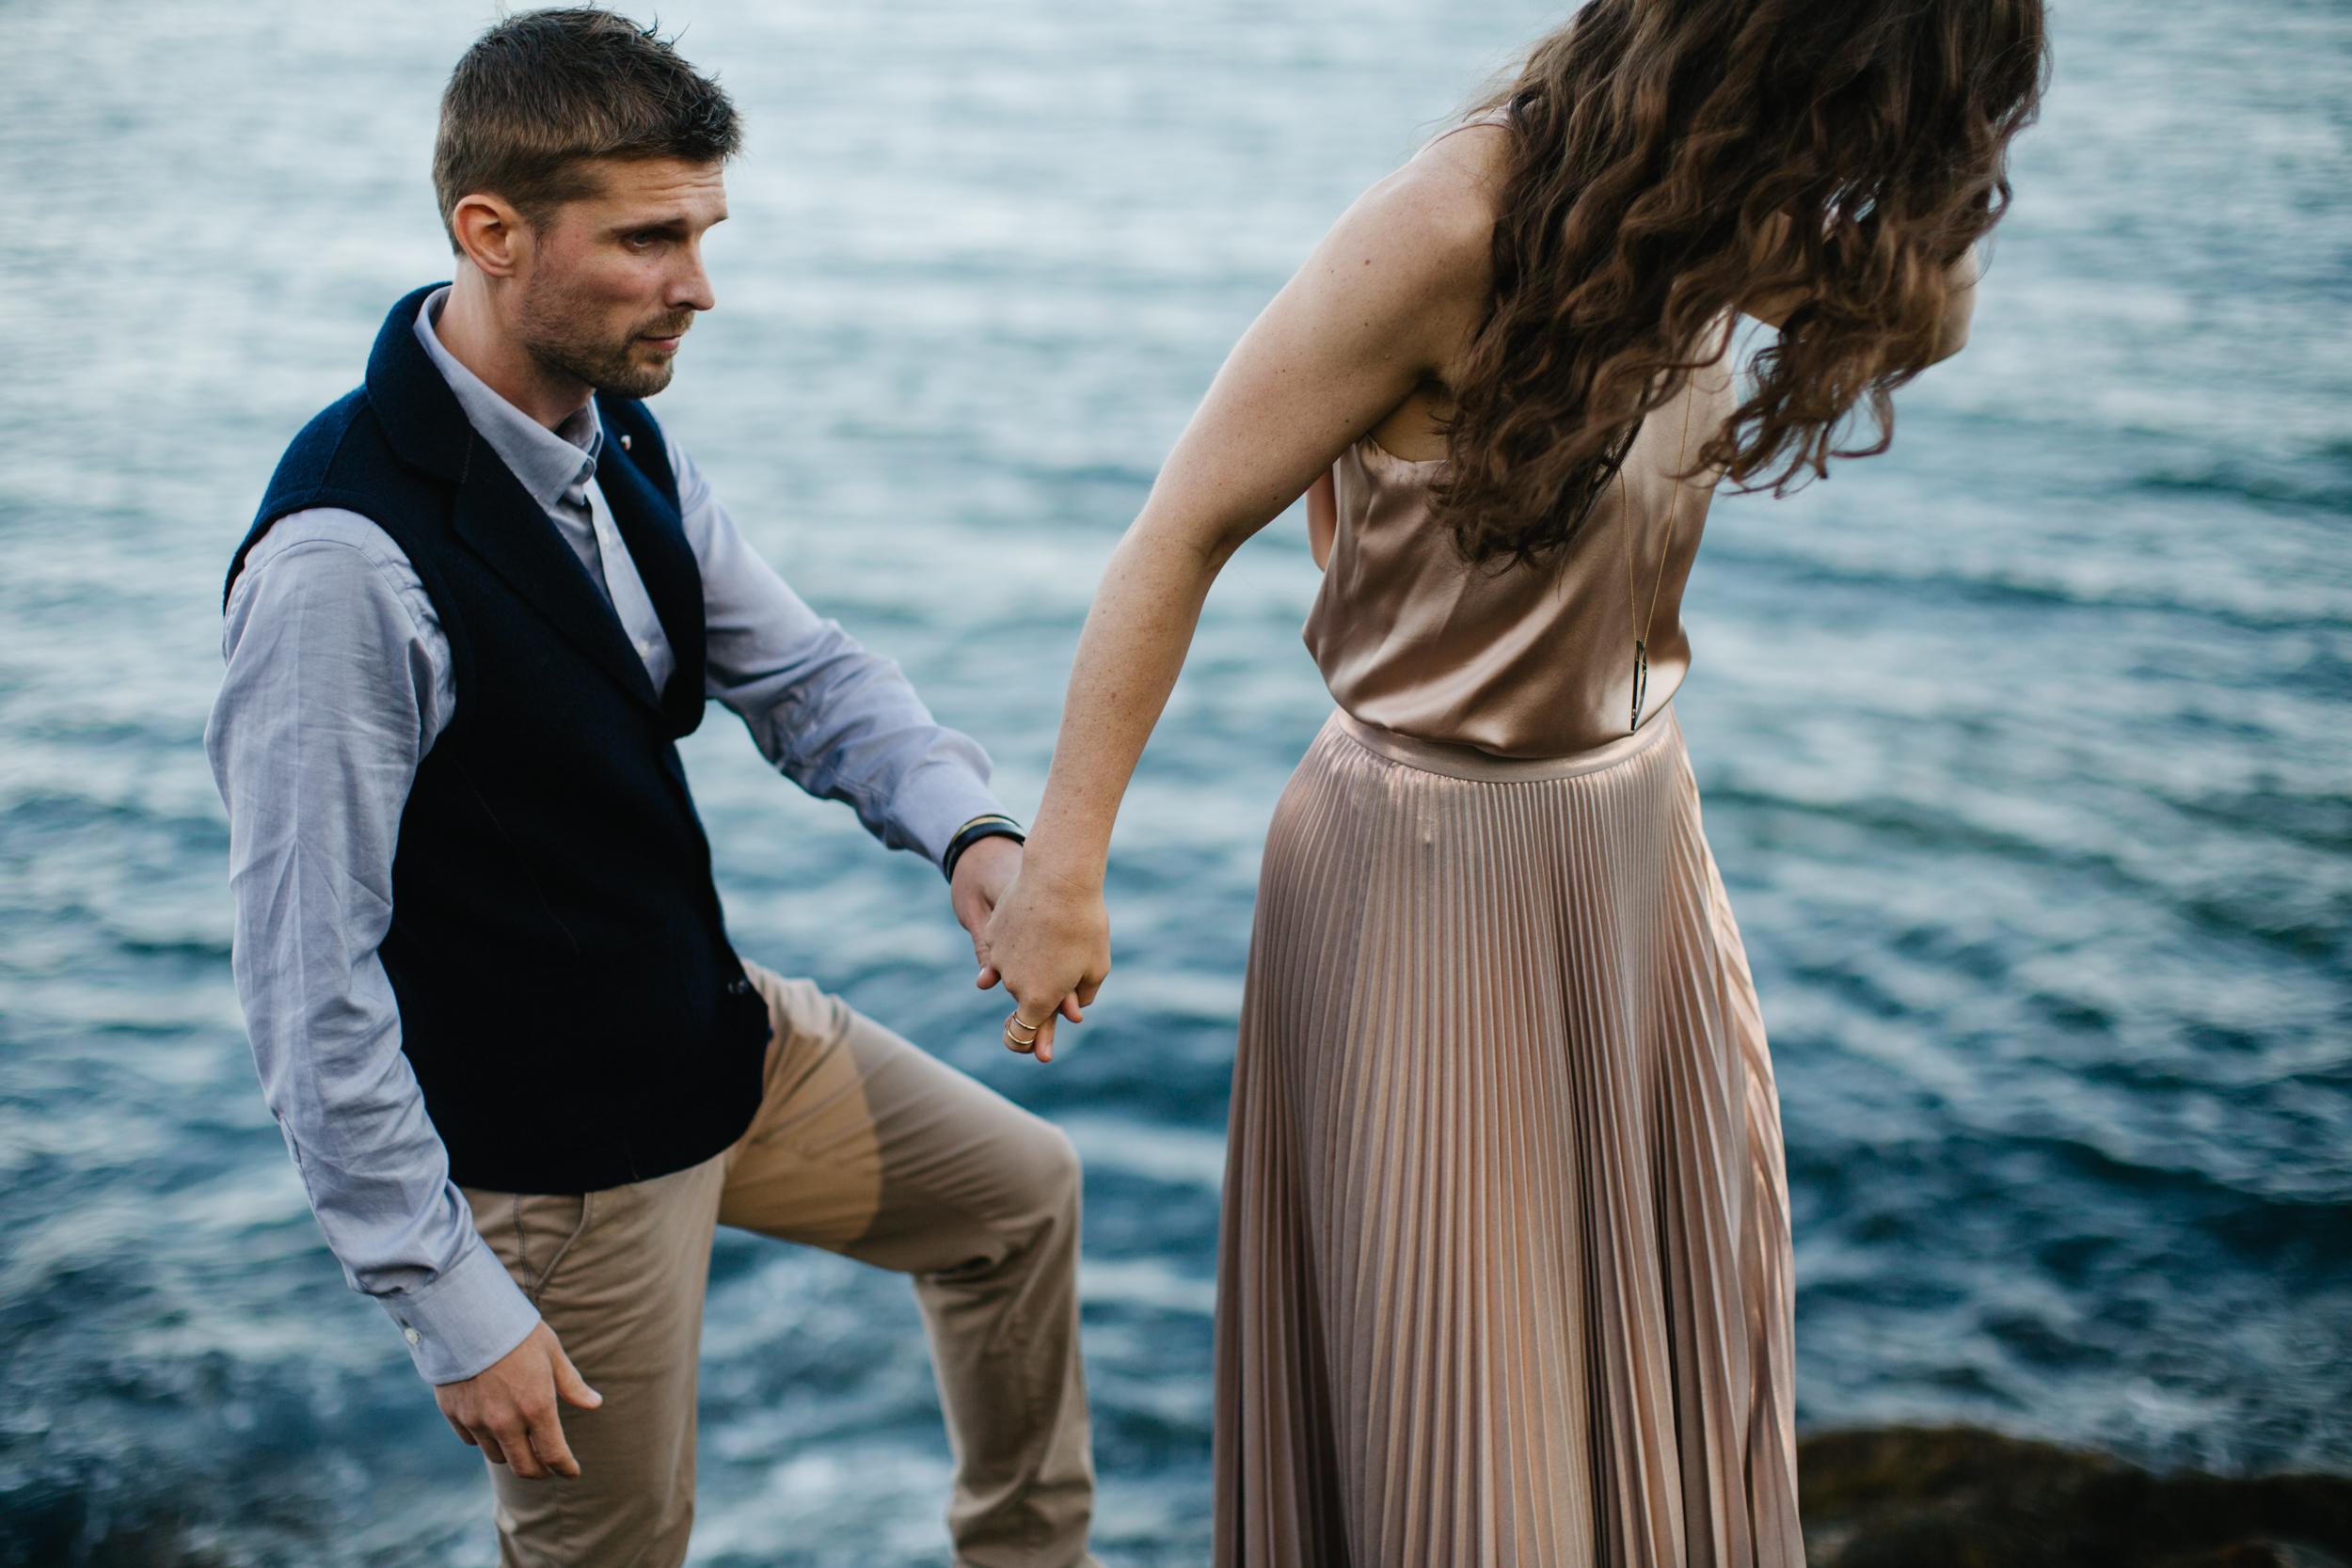 Mackenzie_Collins_Day_Two_Flatbread_Company_rockport_Maine_wedding_004.jpg